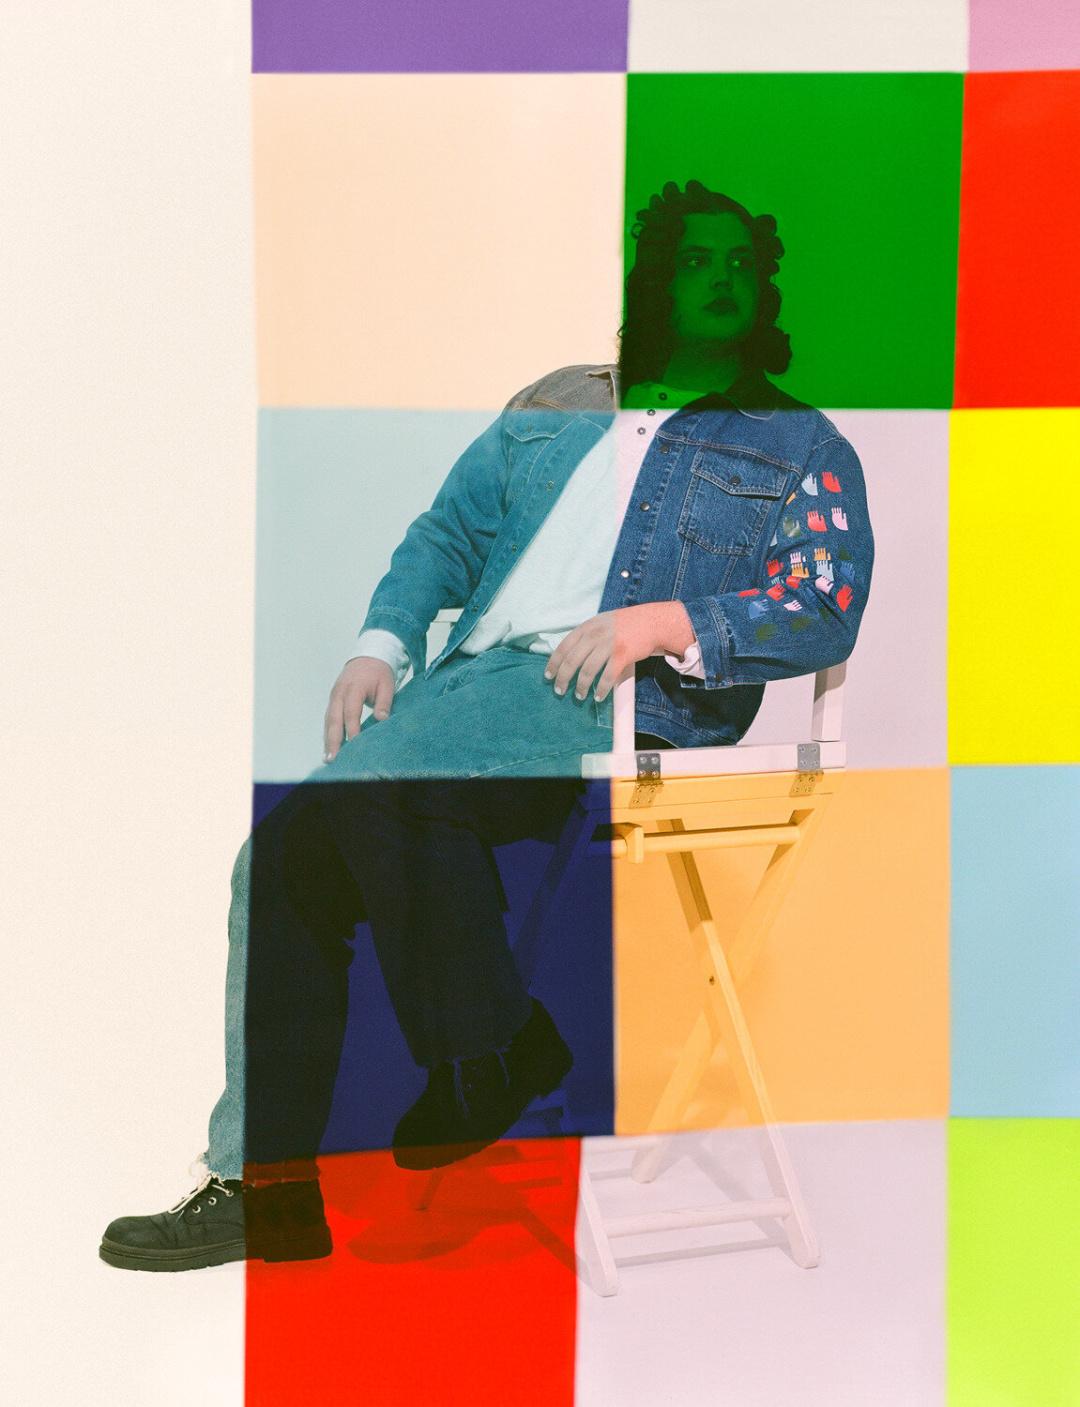 Мода за права людини - ЛГБТ-одяг